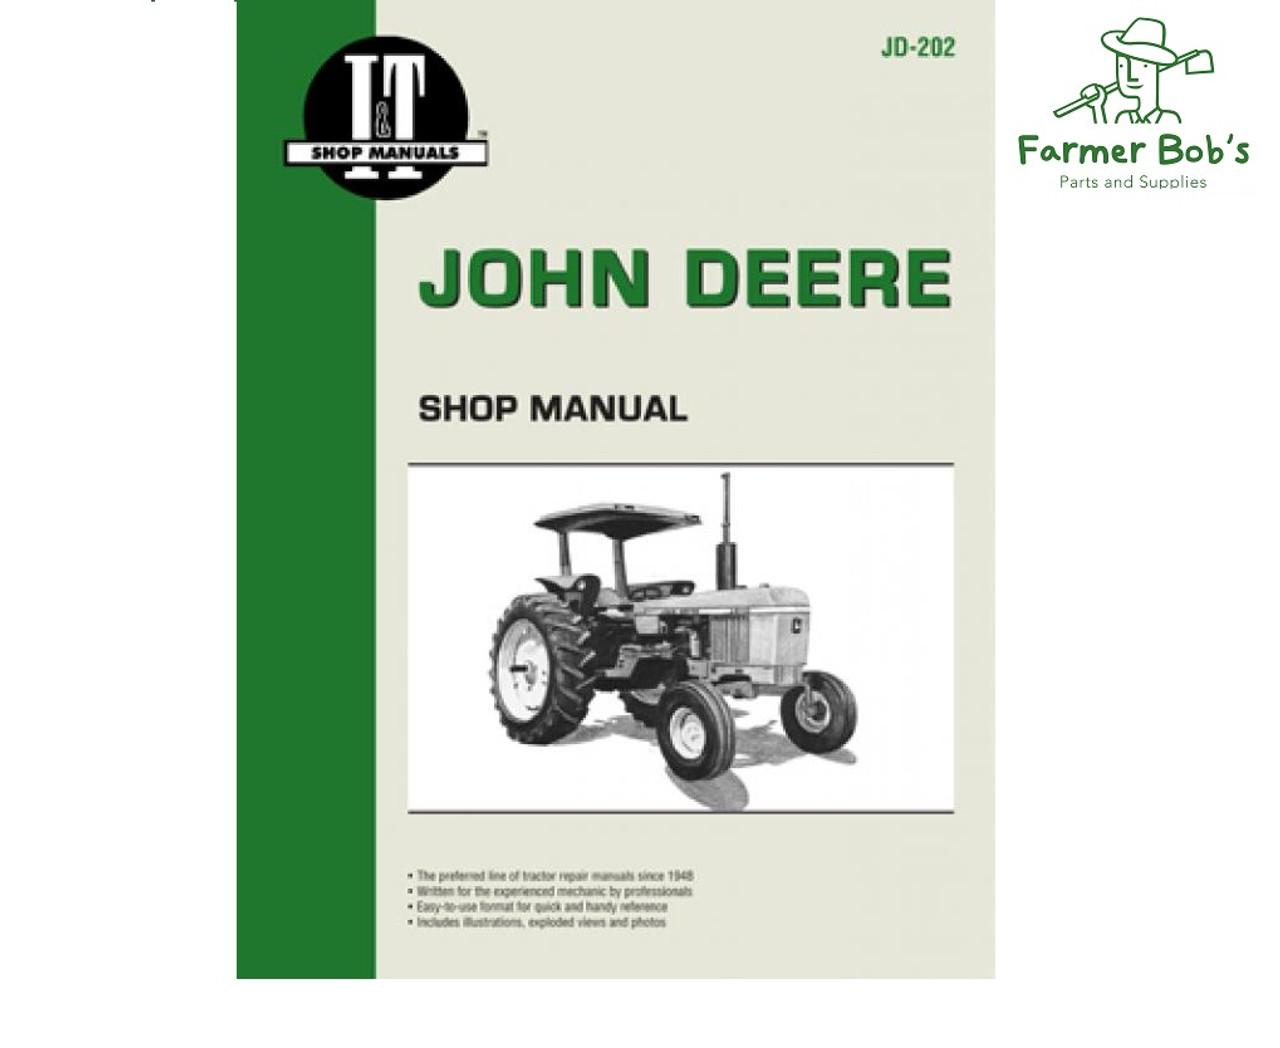 jd202 - i&t shop manuals john deere 2510, 2520, 2040, 2240, 2440